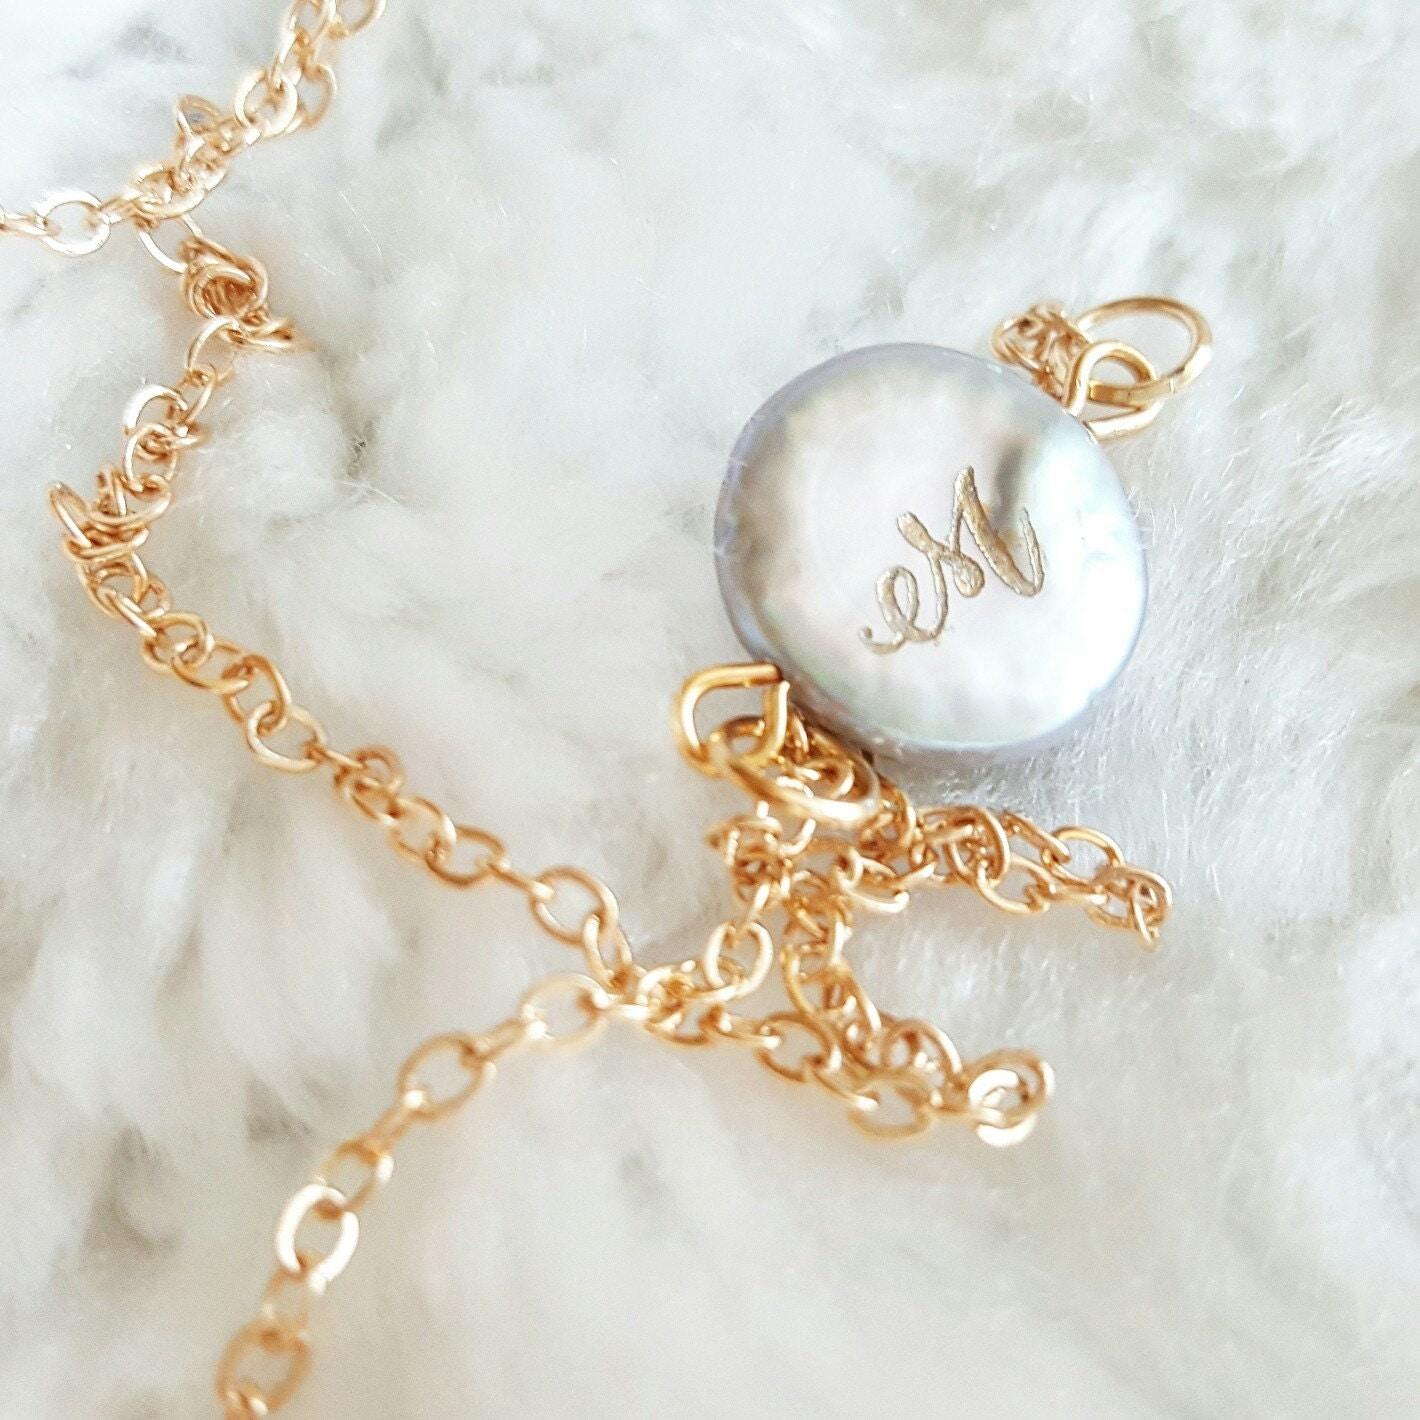 Laser Engraved Monogrammed Pearl Necklace, Laser Engraved Gift, Initial  Pearl, Monogrammed Pearl, Laser Engraved Monogrammed Pearl Necklace